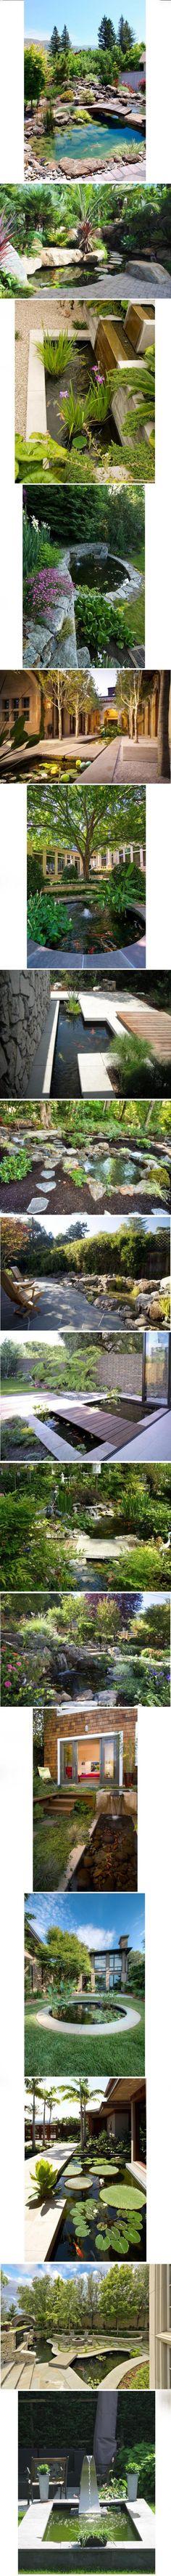 Les plus beaux bassins pour poissons (18 photos)